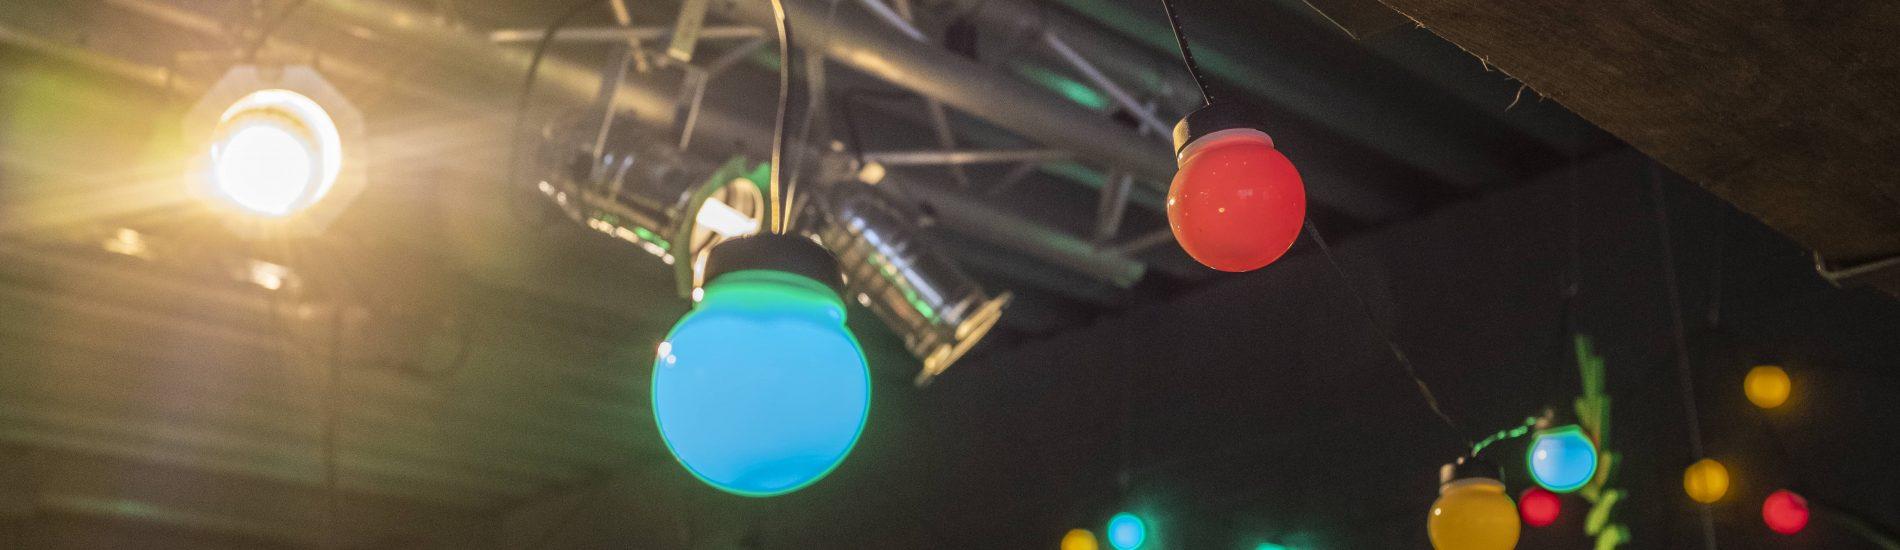 Schuitemaker Maastricht BV carnavals verlichting